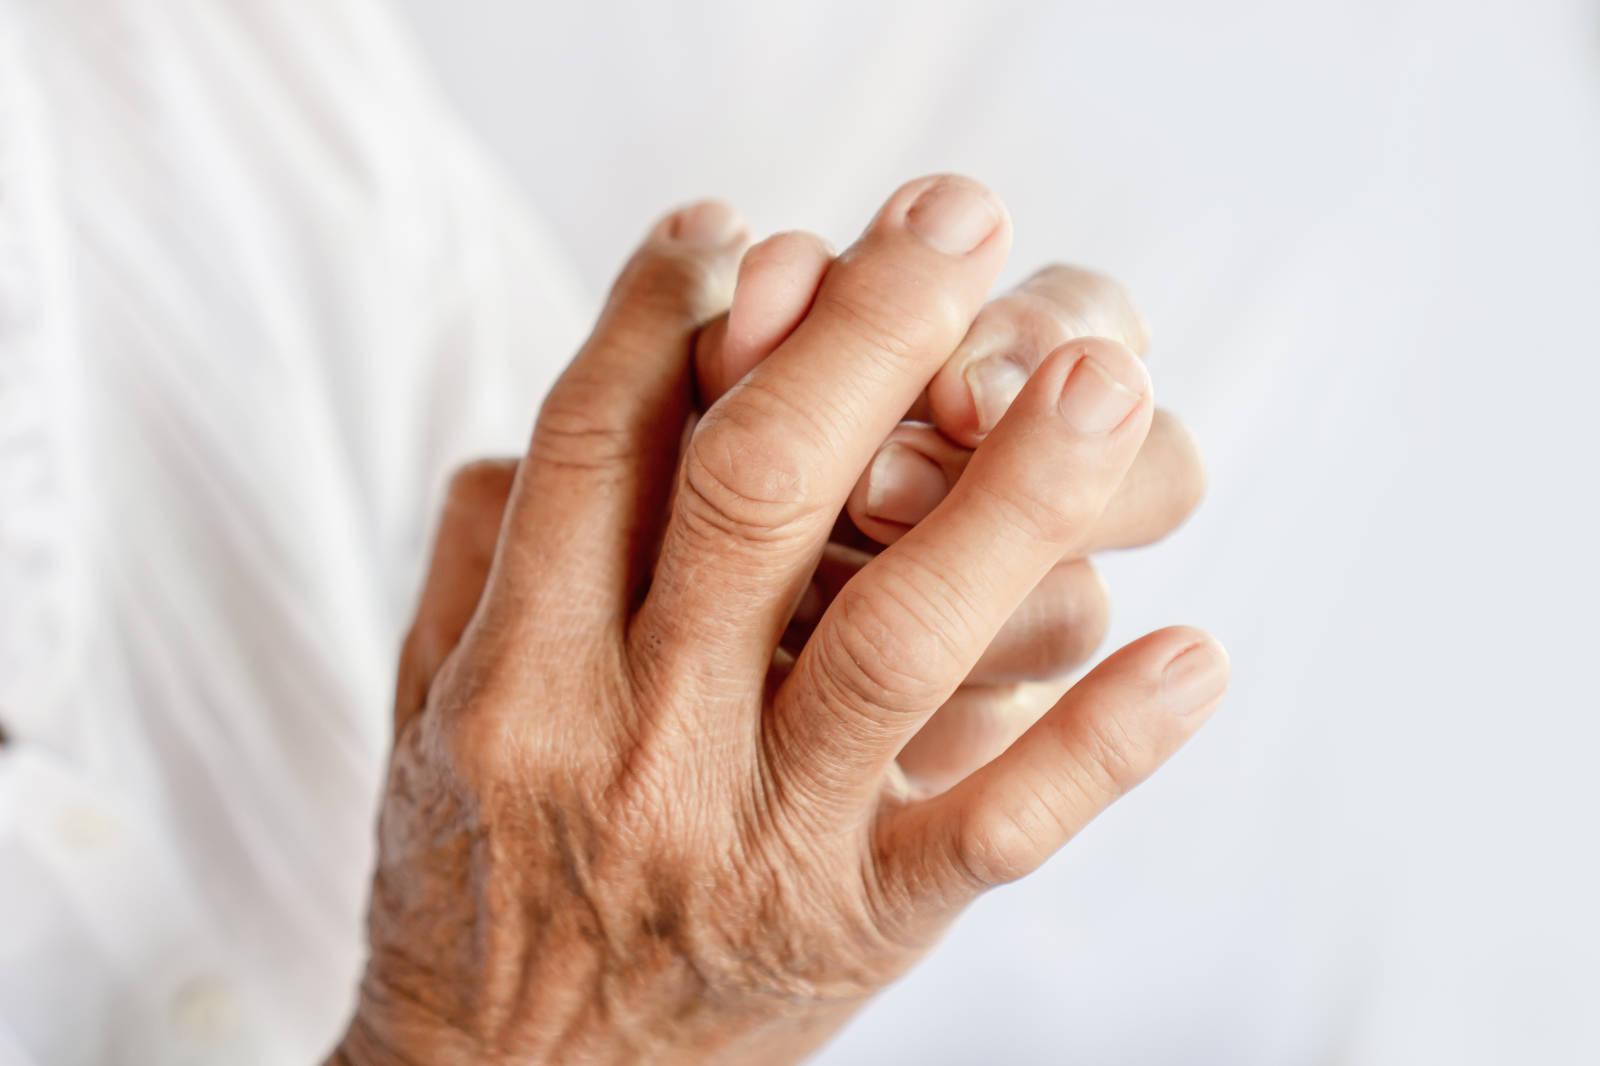 Kéz kisízületek degeneratív – kopásos – elváltozása